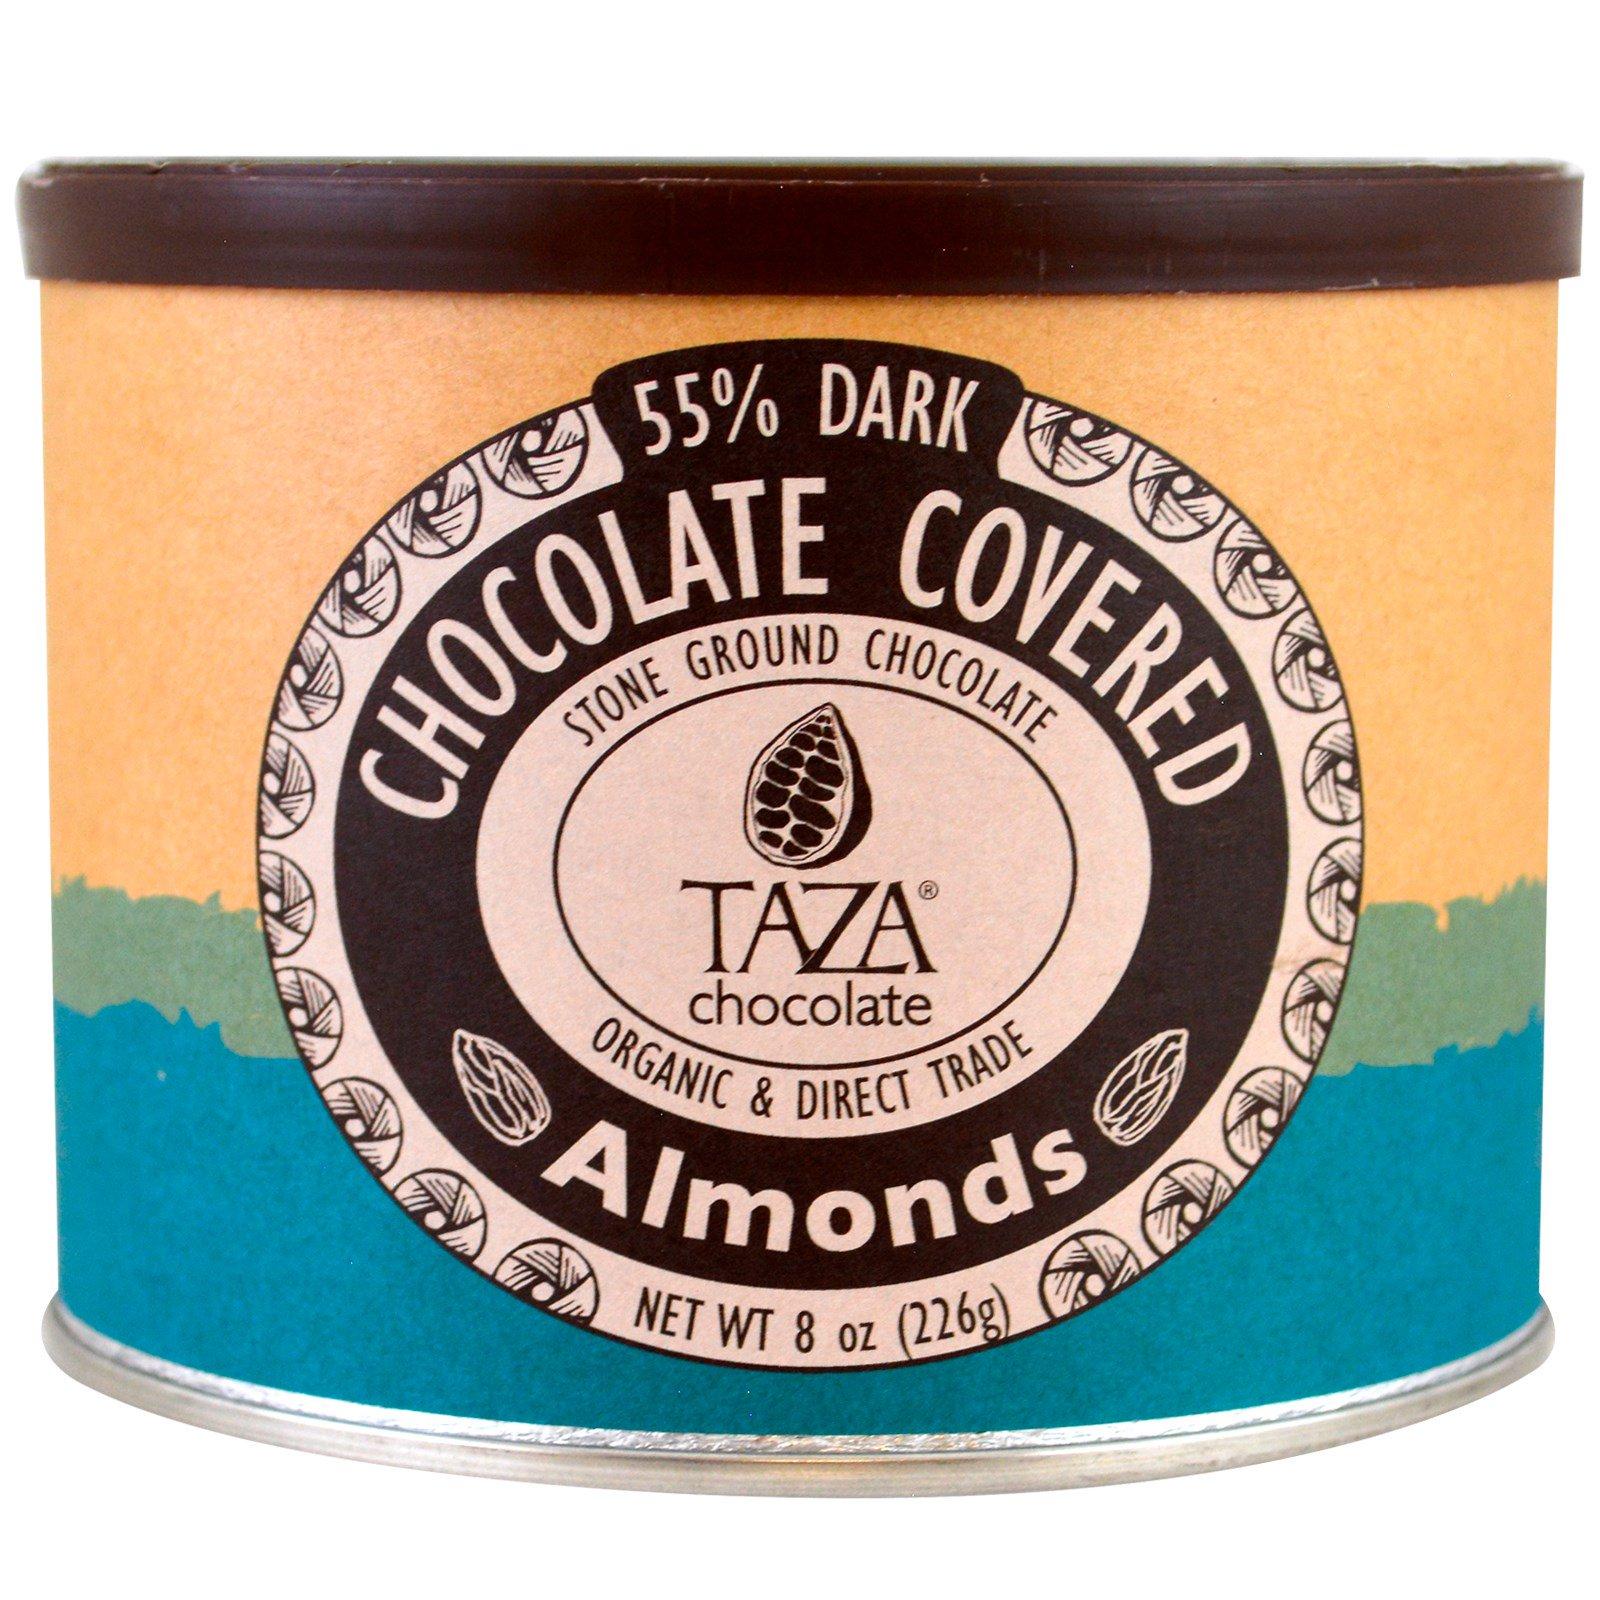 Taza Chocolate, Органический темный шоколад 55% жернового помола, миндаль в шоколаде, 226 г (8 унций)